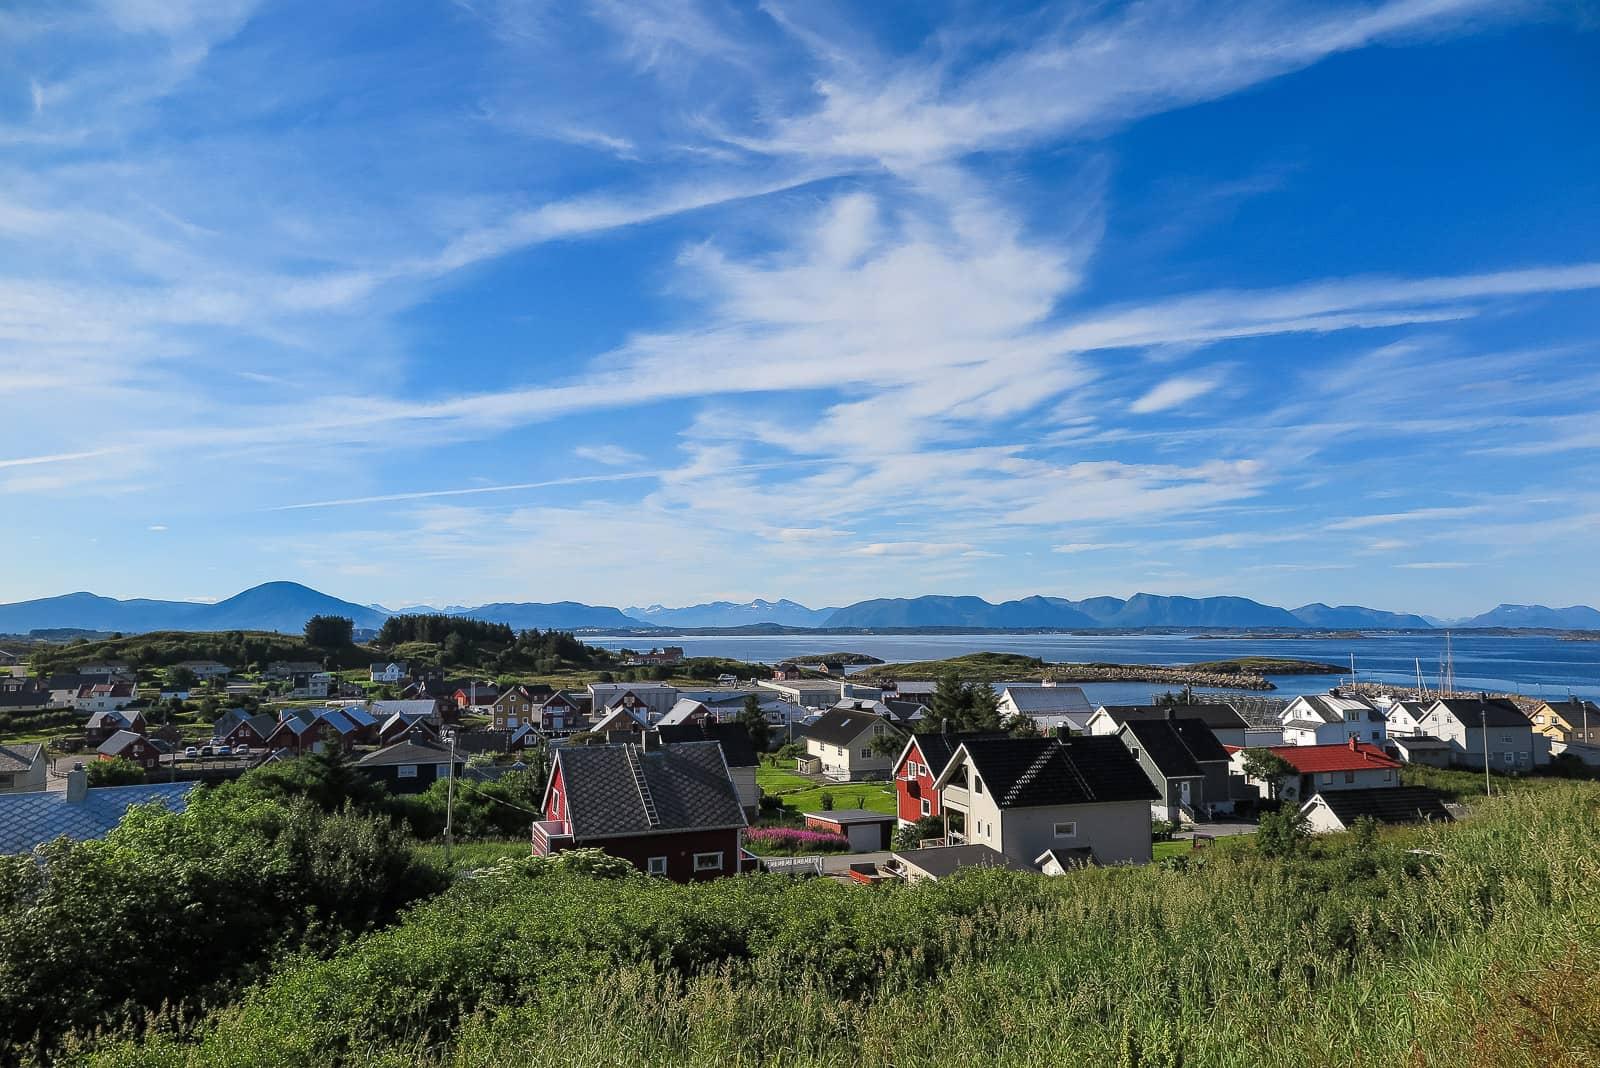 Unterwegs: Tolle Ansichten Norwegens